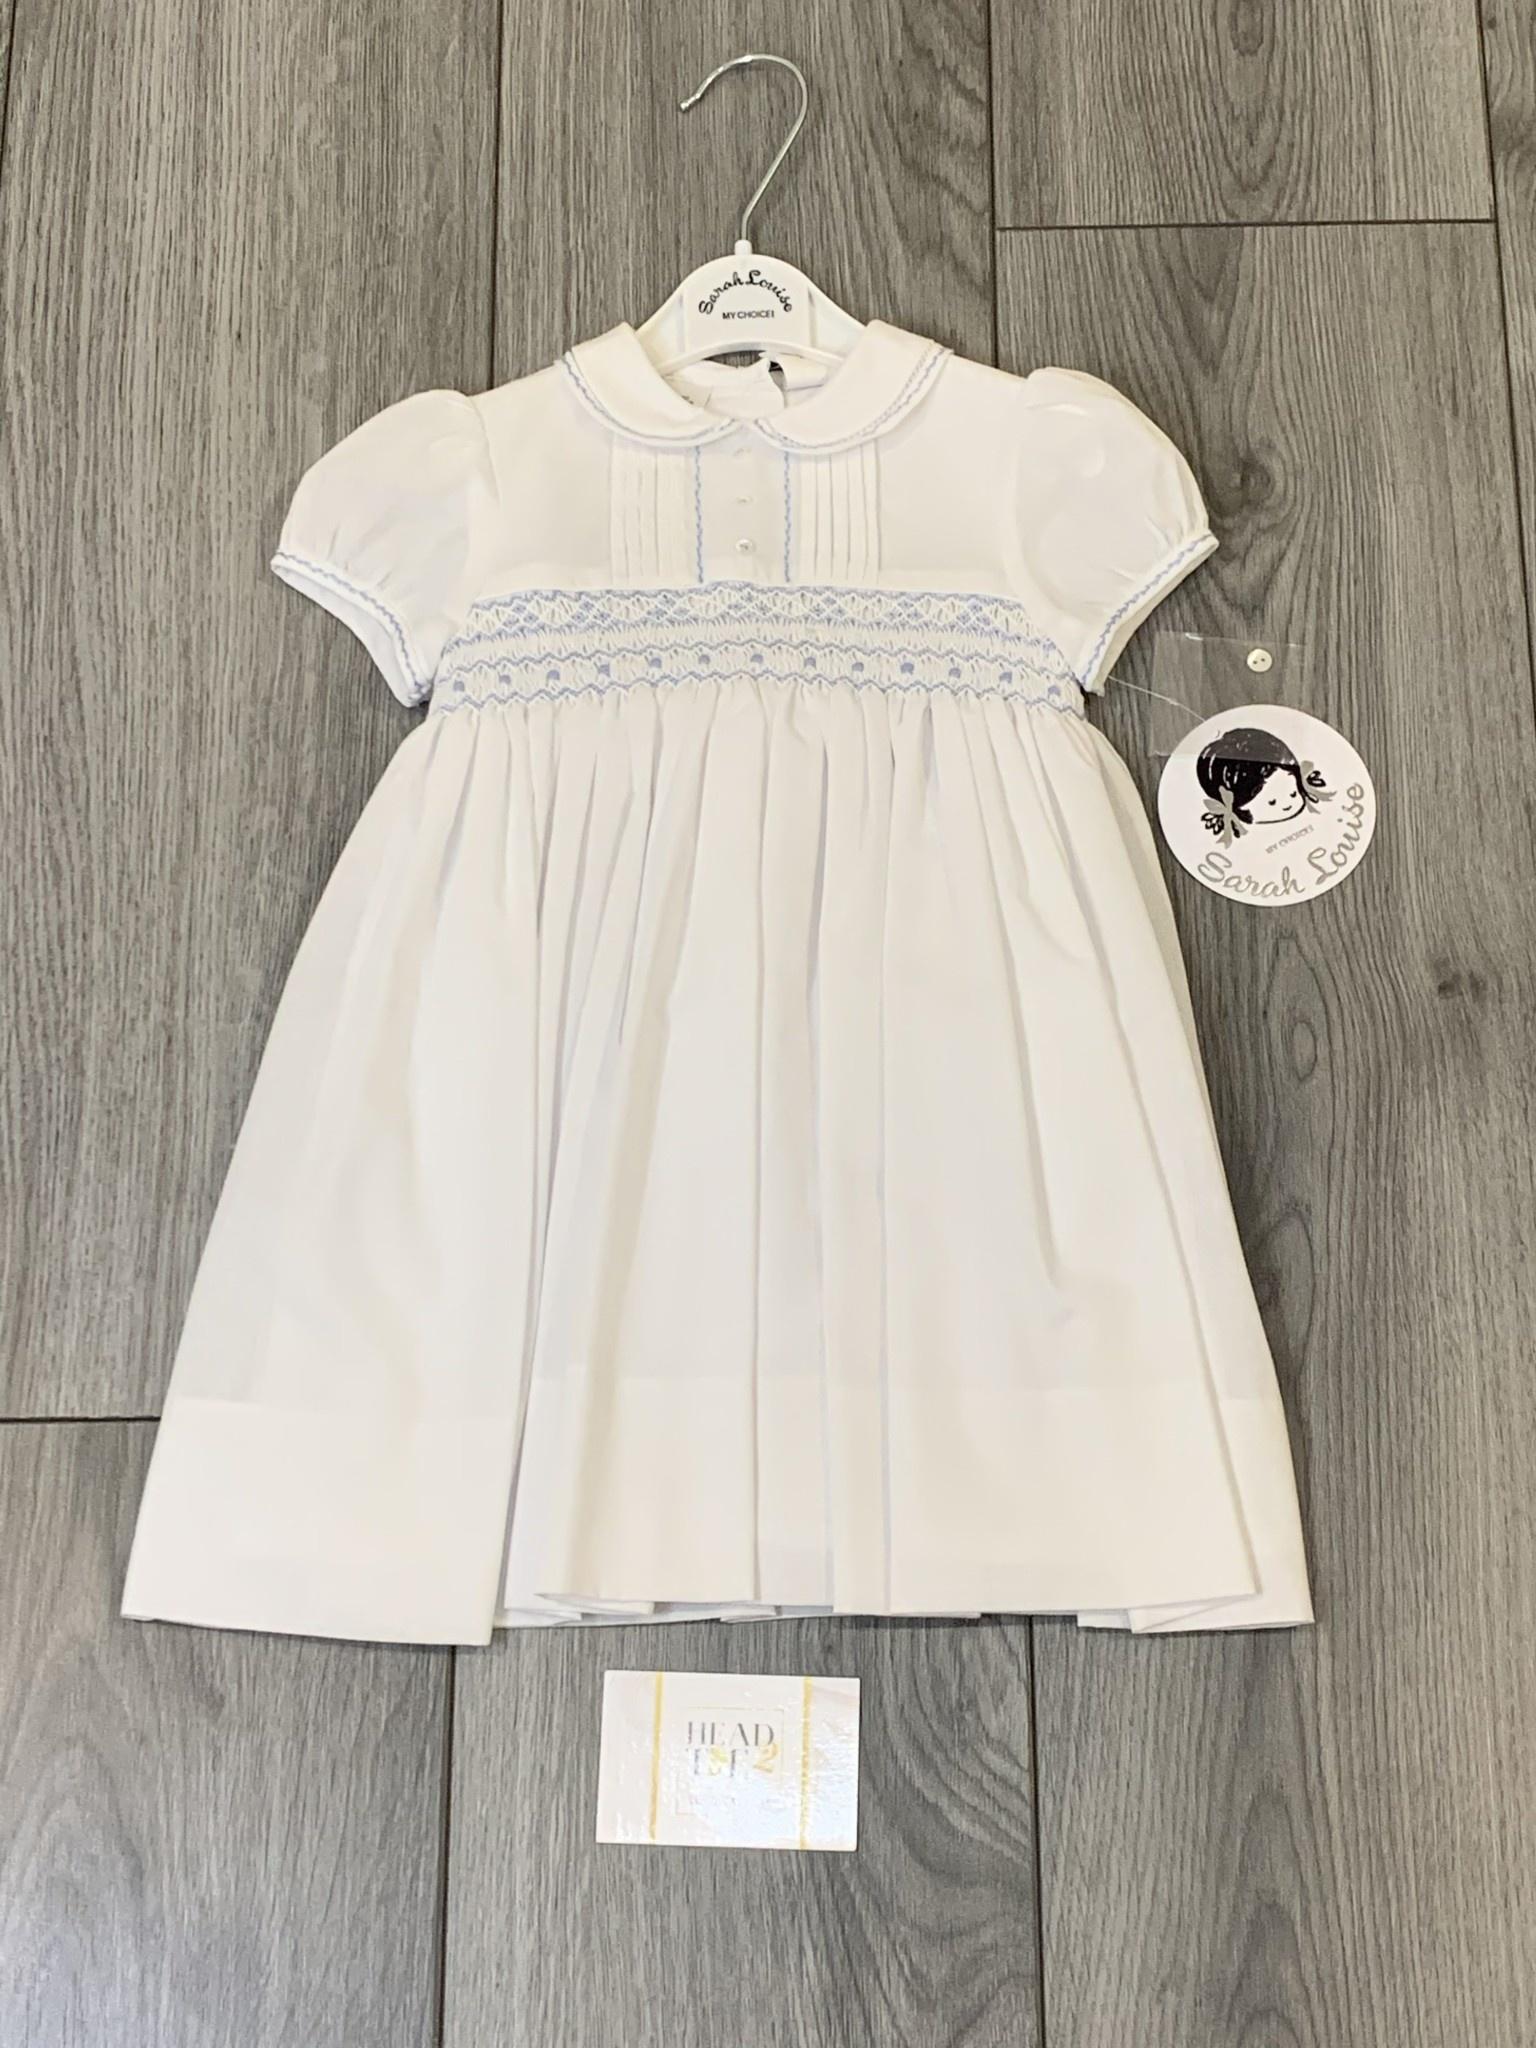 Sarah Louise Sarah Louise SS20 Girls Smocked Dress White With Blue Detail 011856